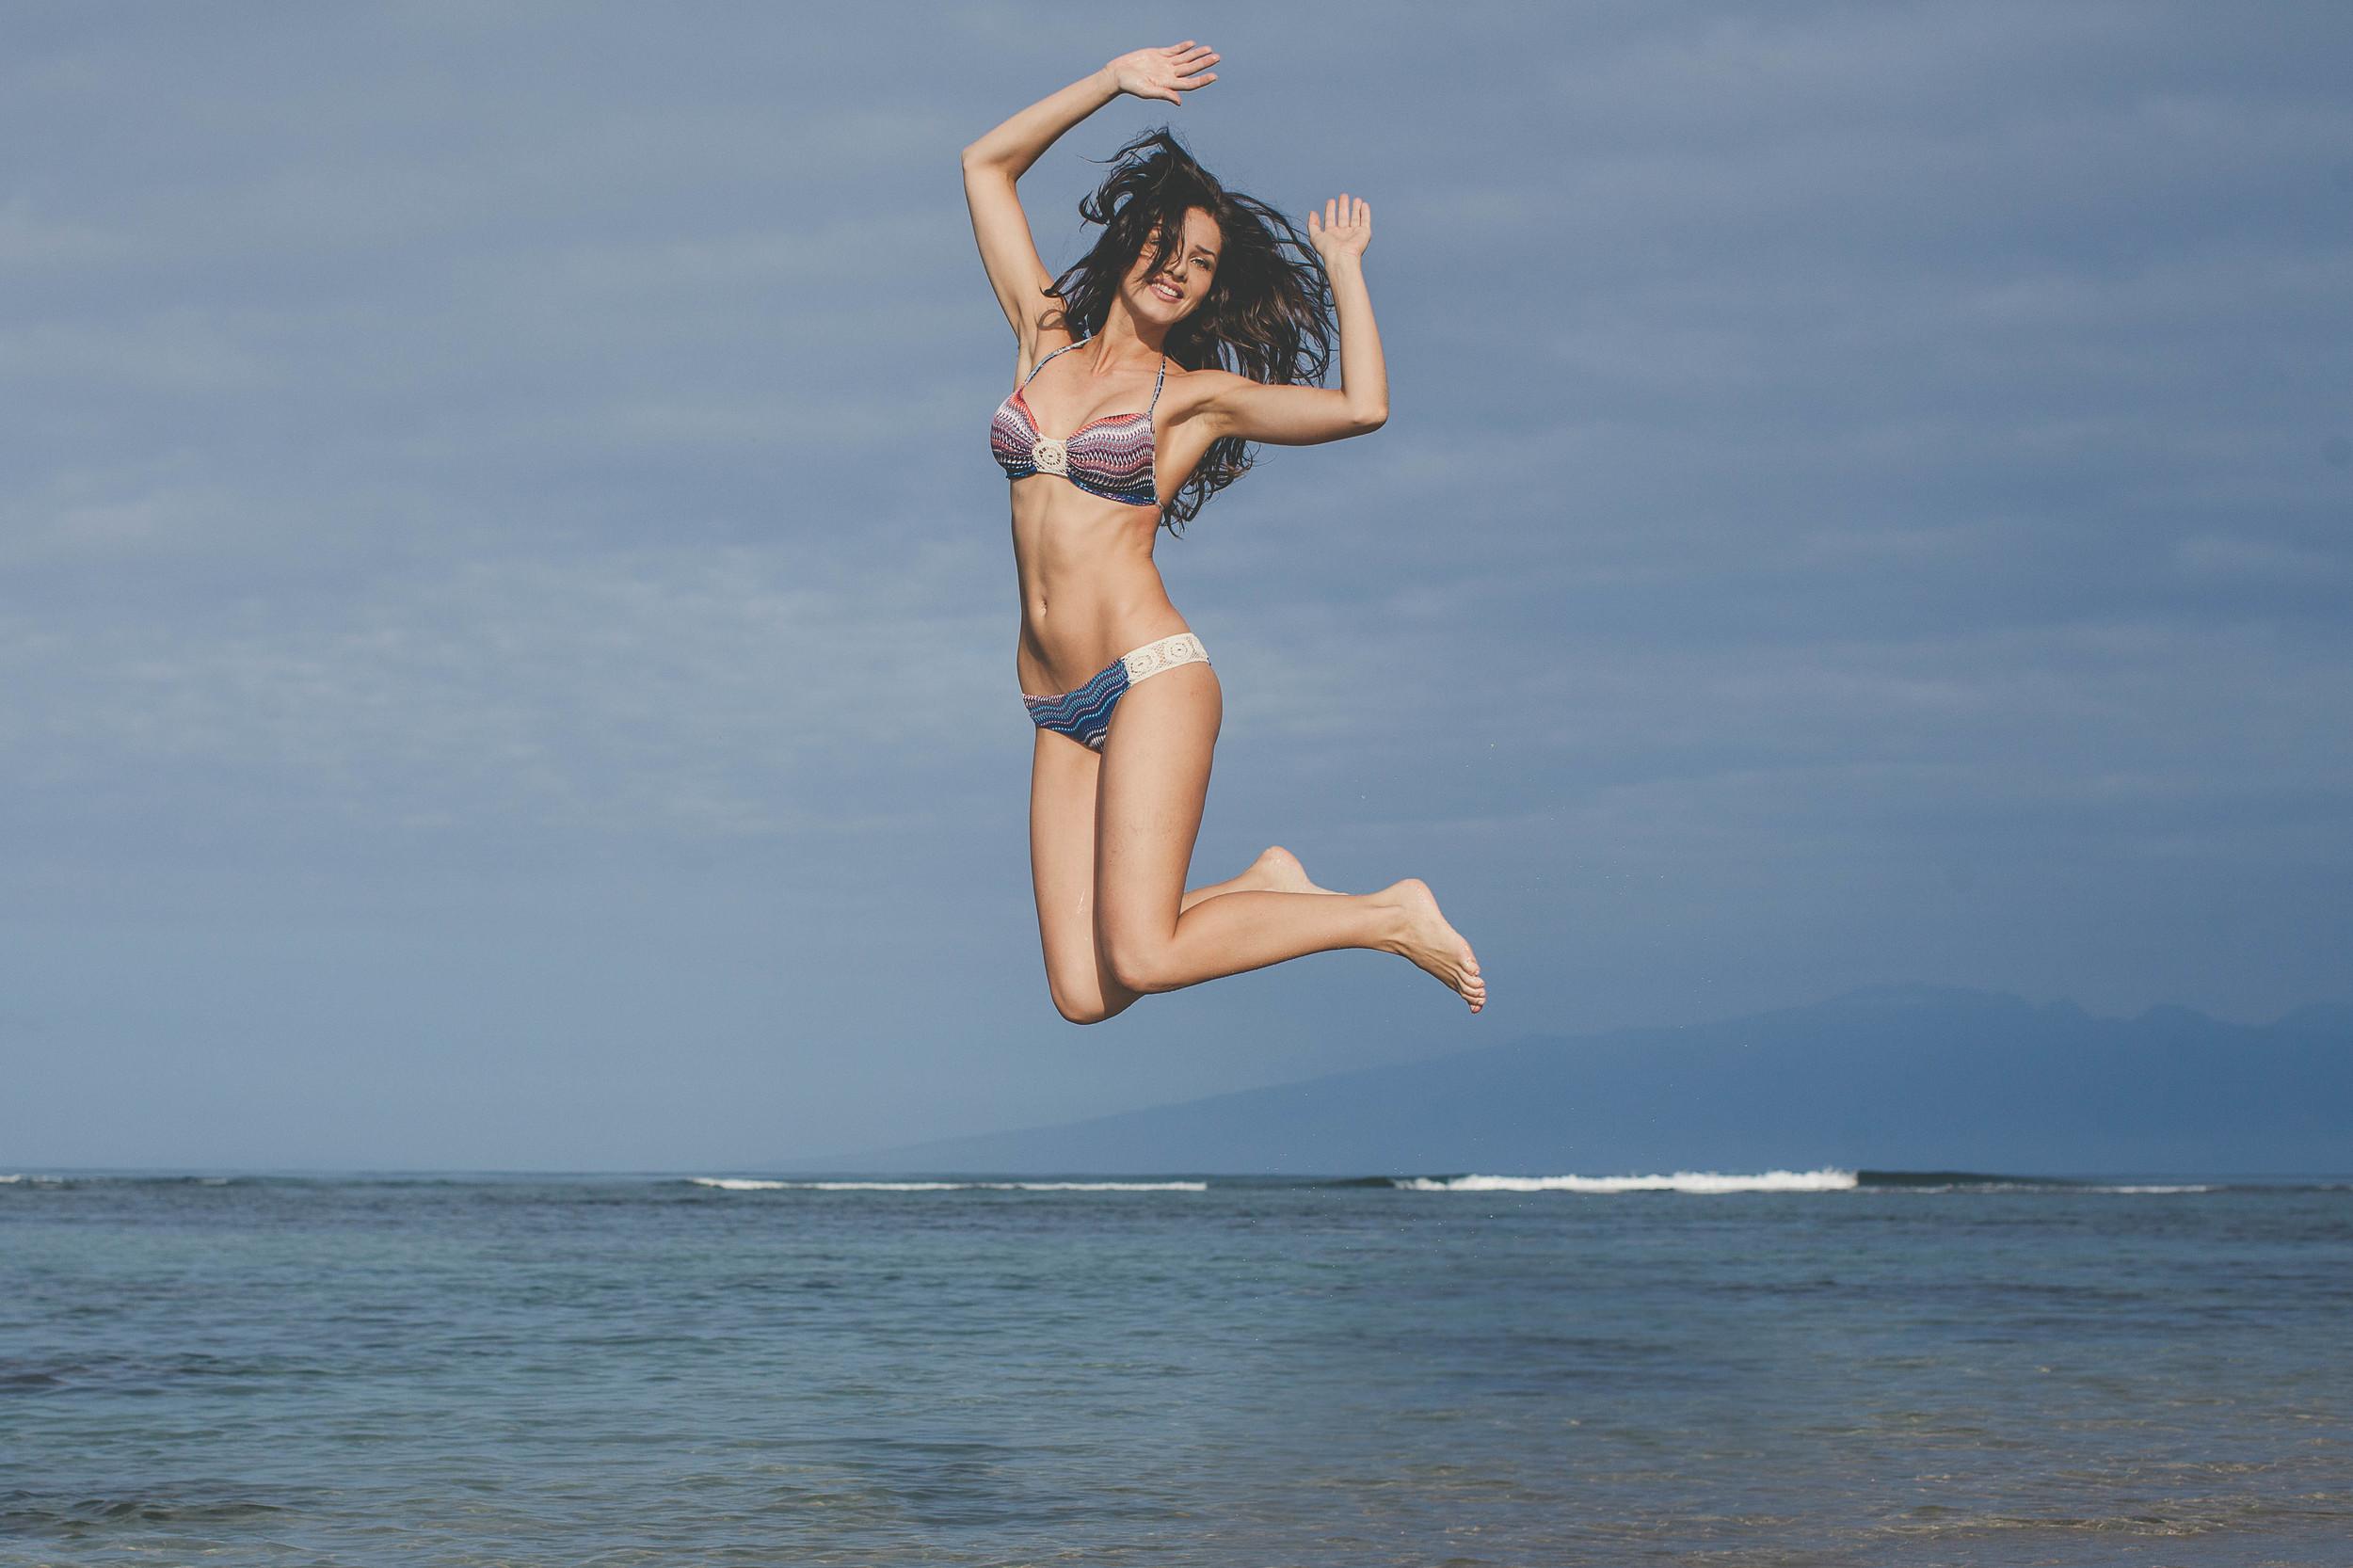 ilha 2013.12.02-35.jpg